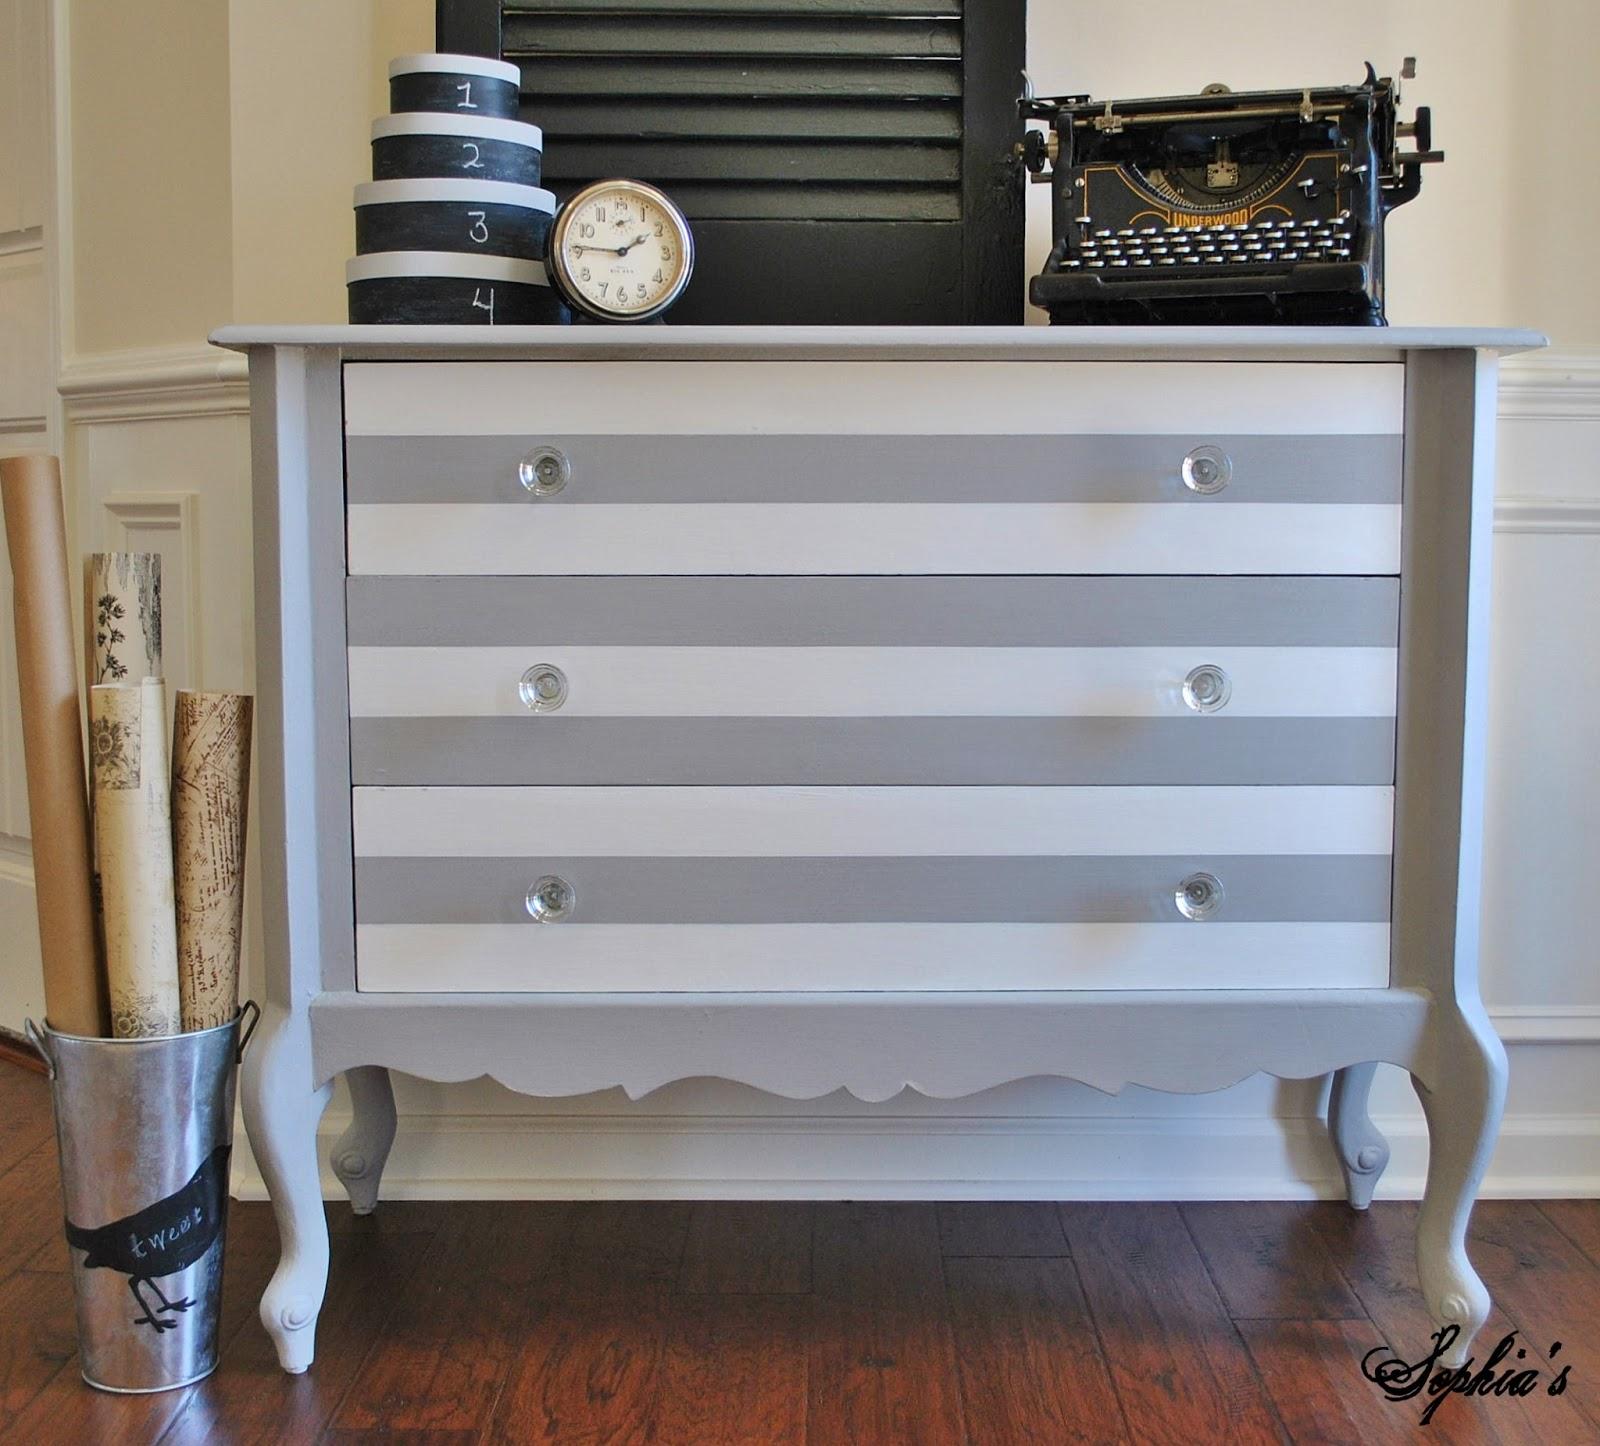 http://3.bp.blogspot.com/-0vAqYXqAD4U/UUkcQpWQTAI/AAAAAAAAJGI/3Mn-33ZIo4w/s1600/striped+dresser+main.JPG